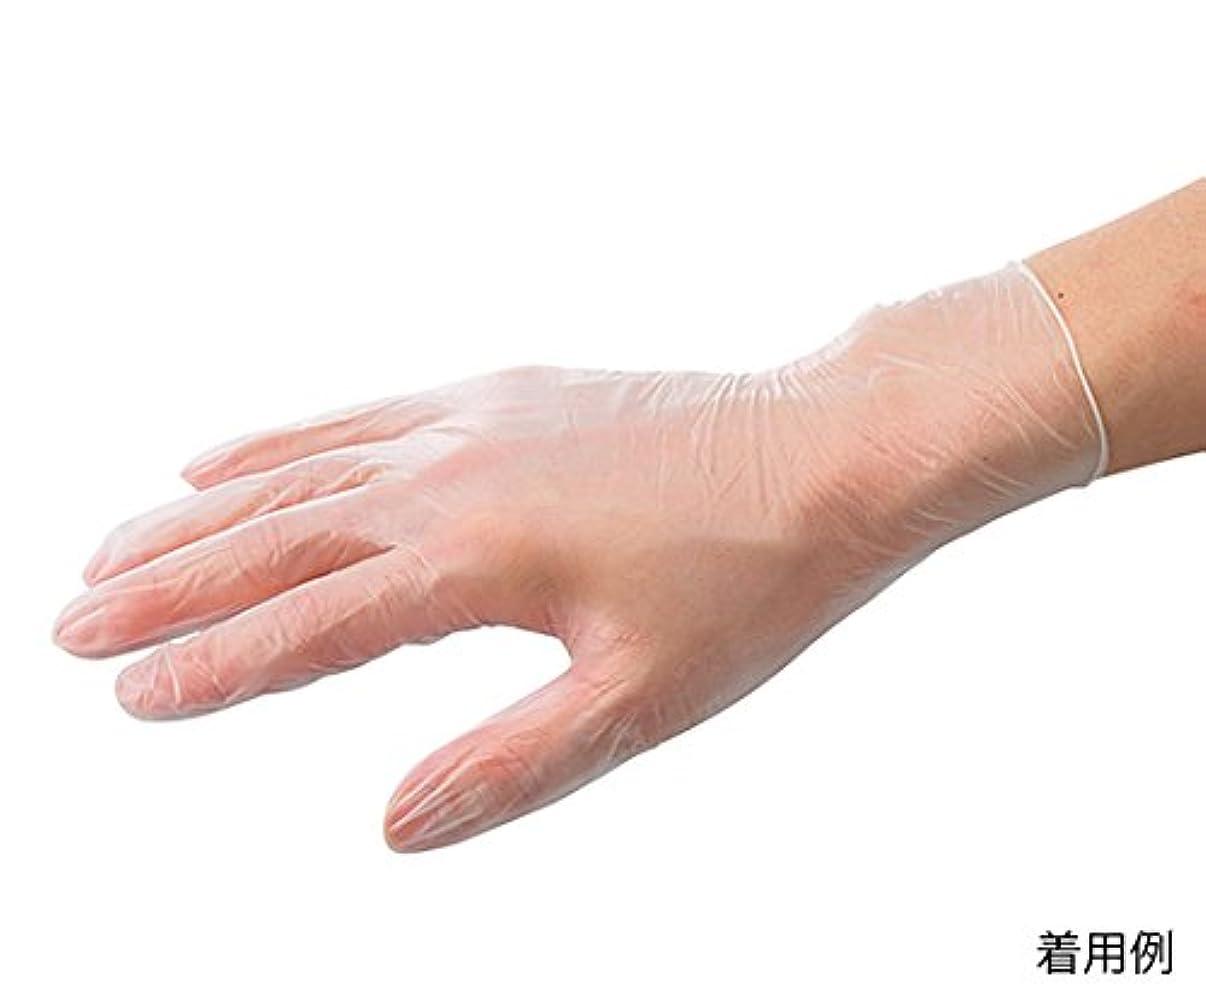 欠如能力バルセロナARメディコム?インク?アジアリミテッド7-3727-02バイタルプラスチック手袋(パウダー付き)M150枚入